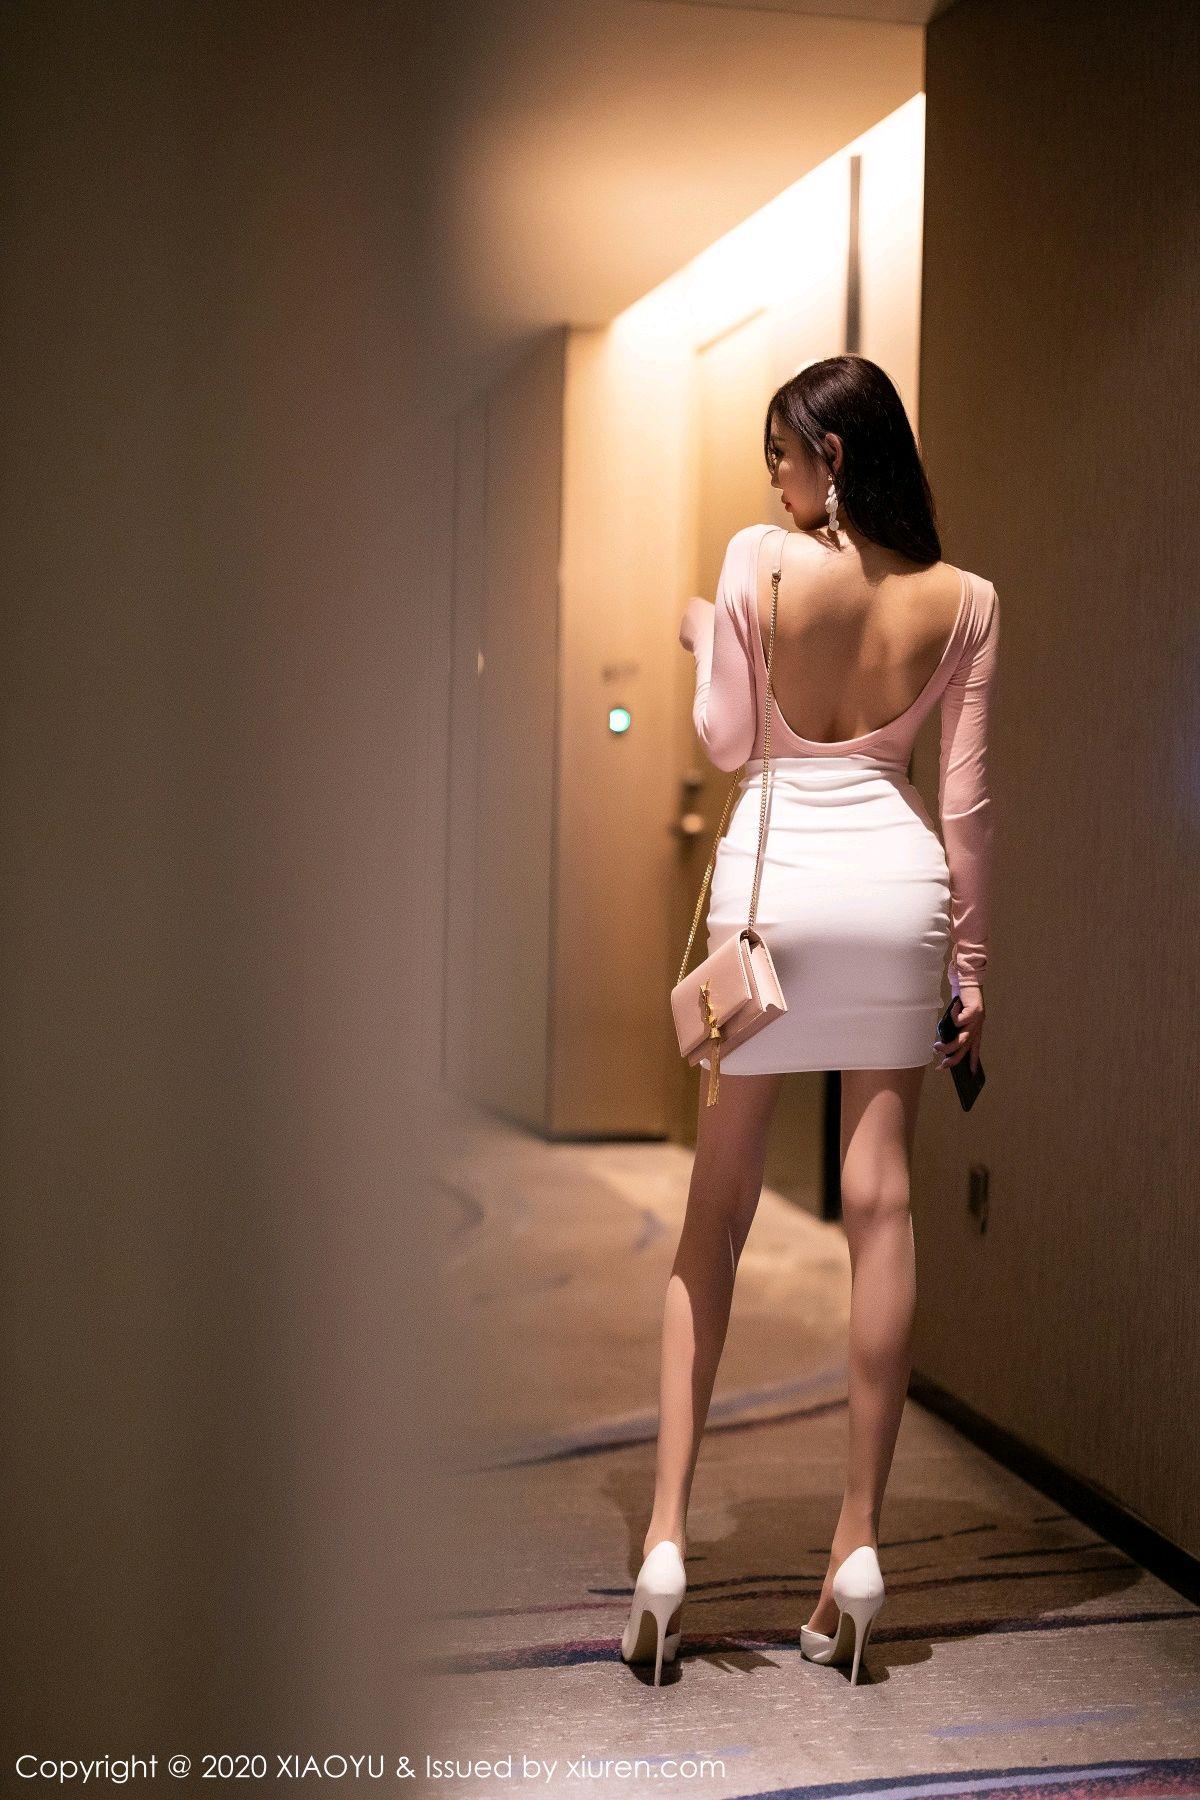 [XiaoYu] Vol.310 Yang Chen Chen 70P, Street, XiaoYu, Yang Chen Chen